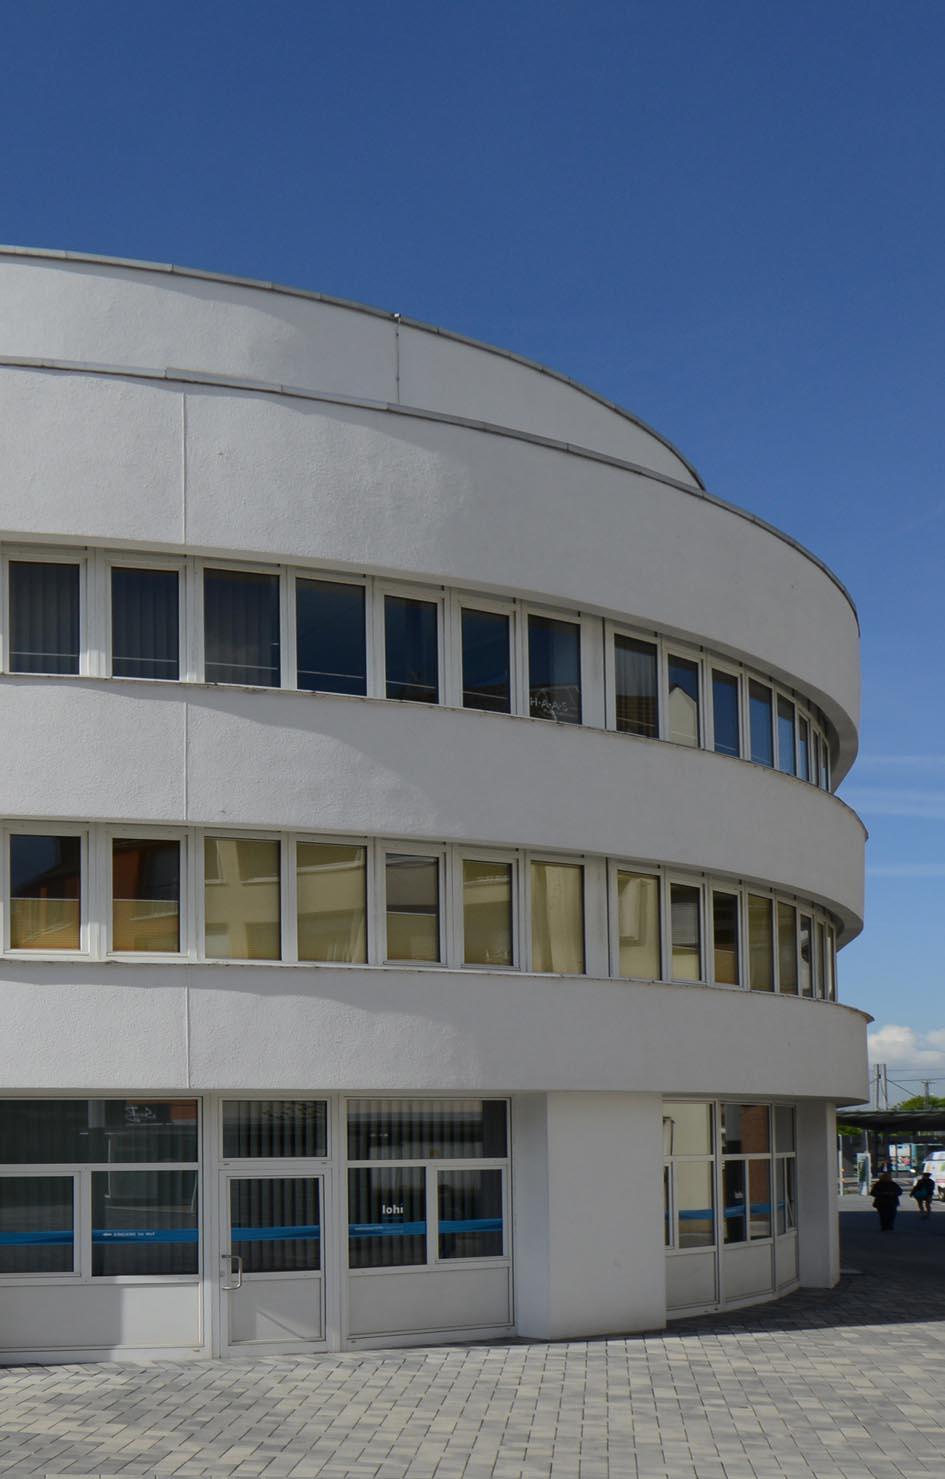 Hauptsitz Troisdorf - HAAS-Publikationen GmbHPoststraße 6753840 TroisdorfDeutschlandTel: +49 (0) 2241 8802-0